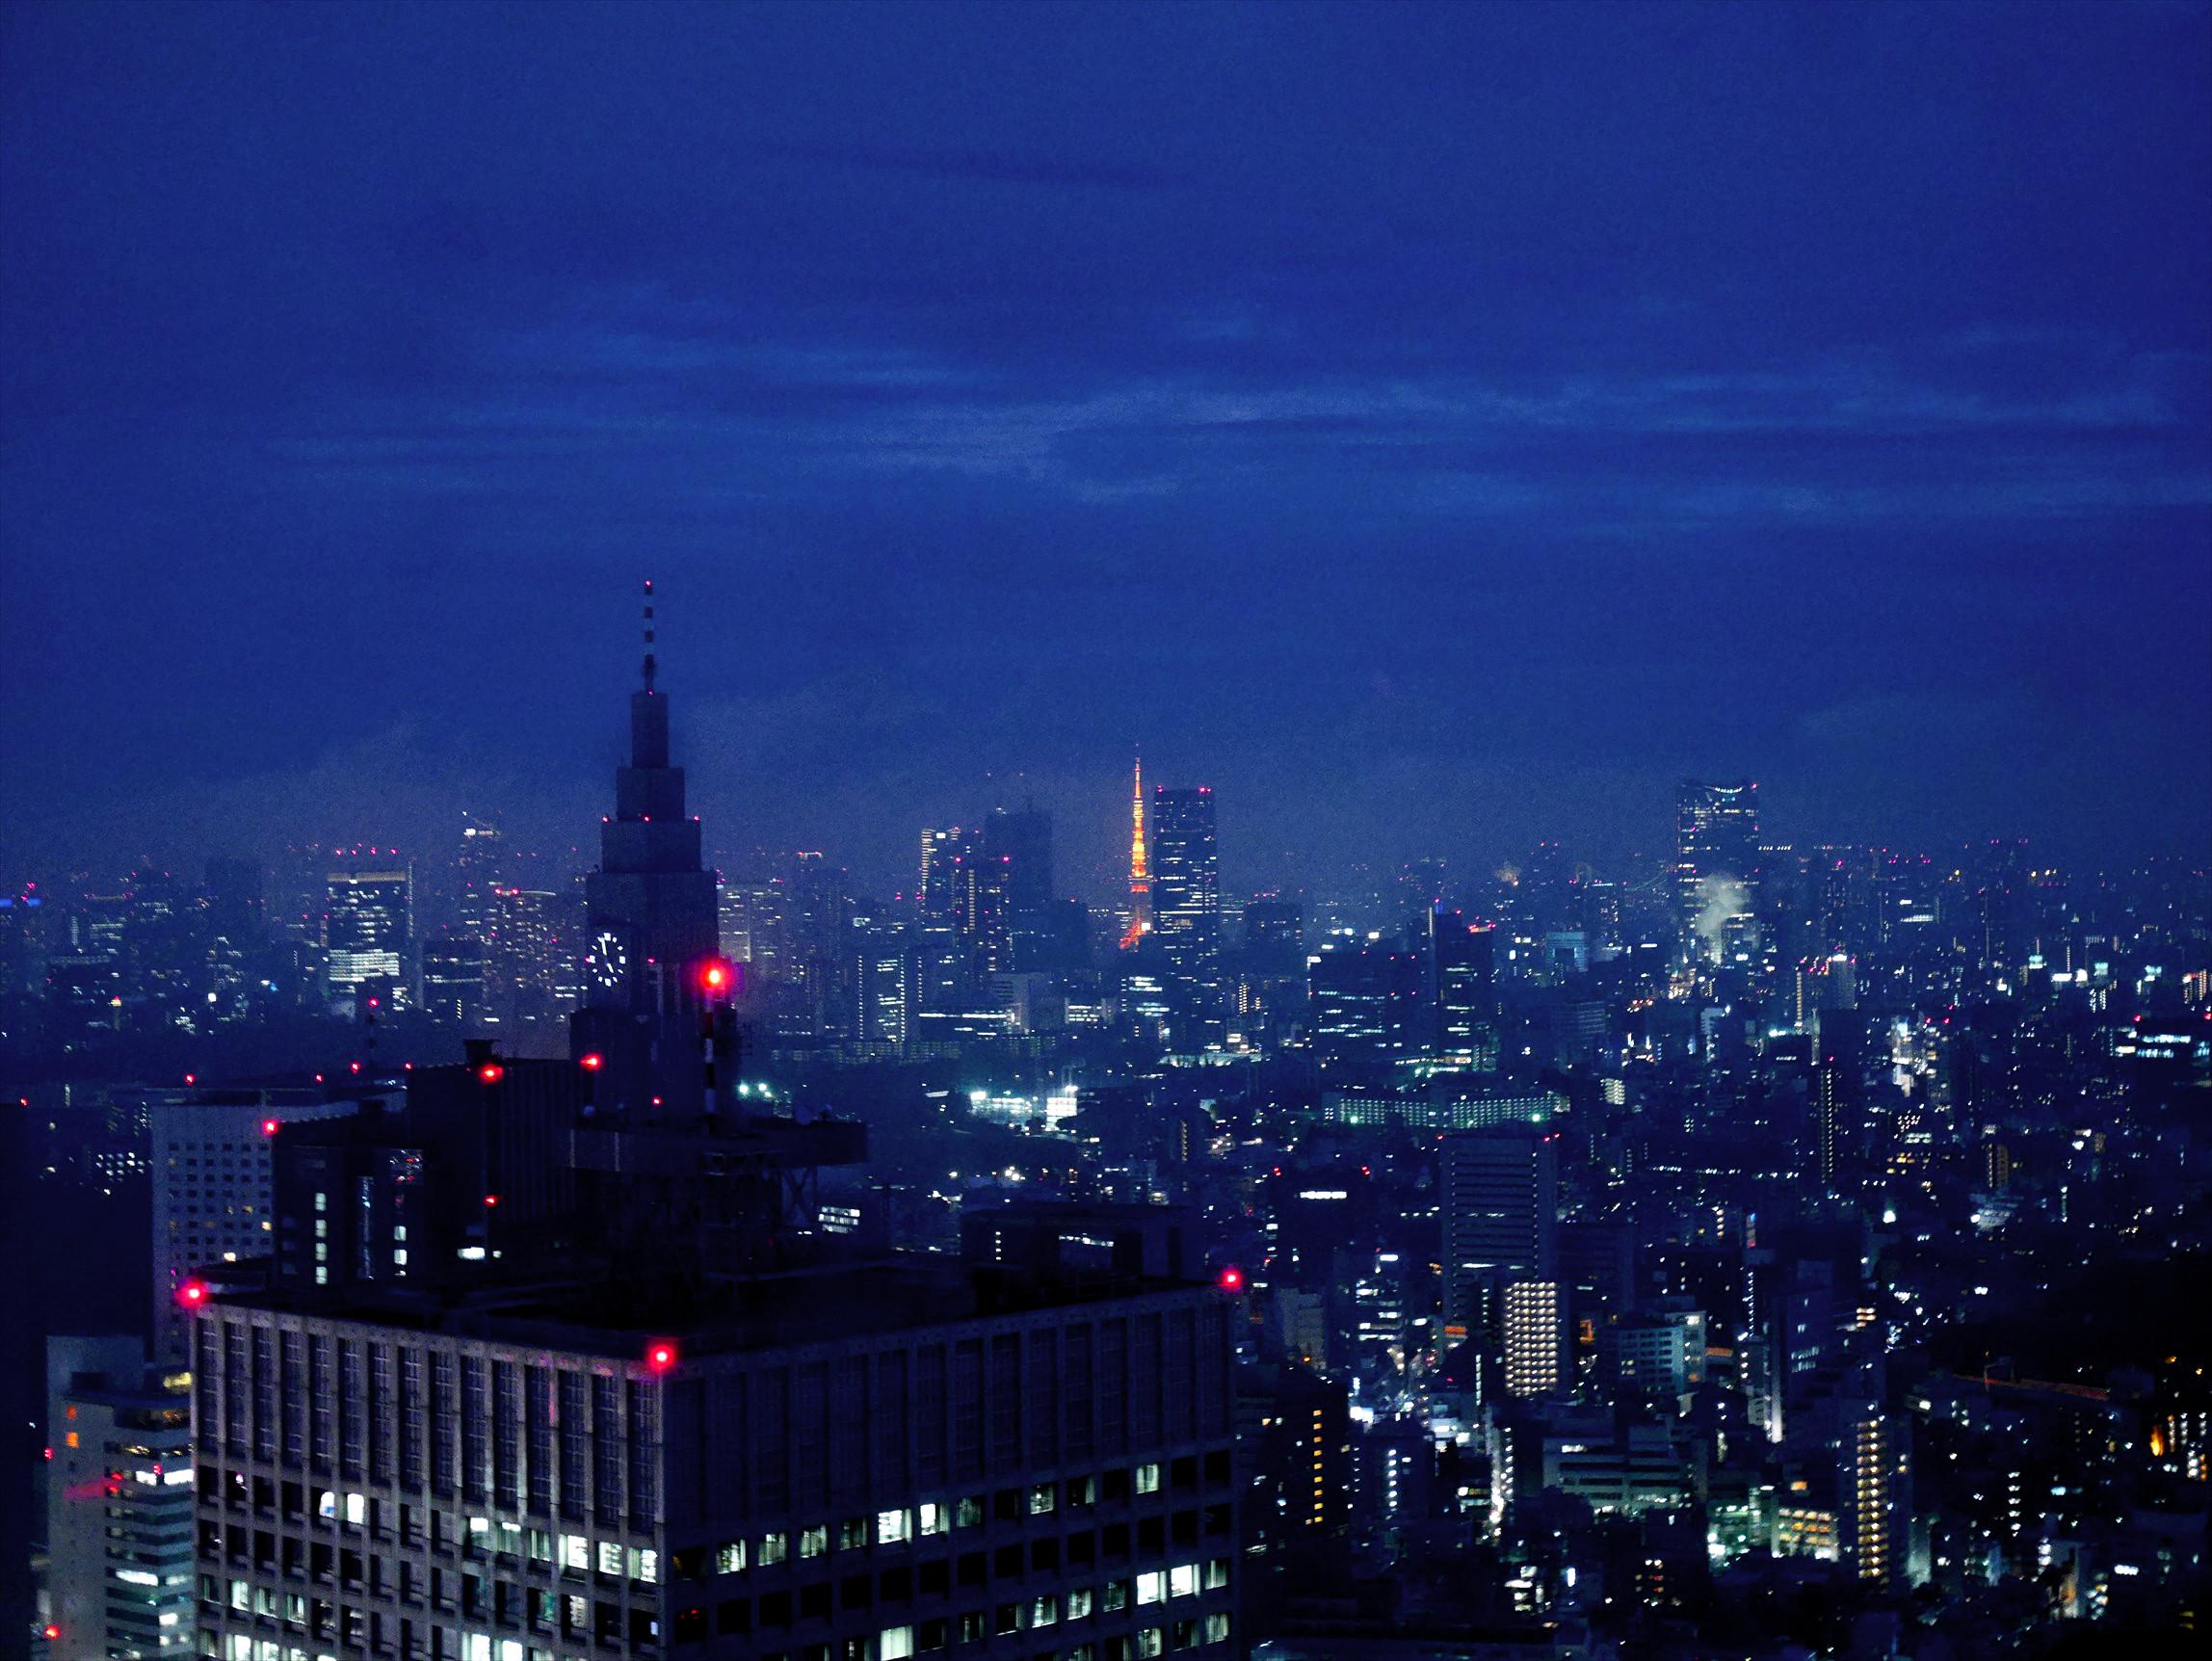 新宿のイルミネーションと都庁から見た夜景